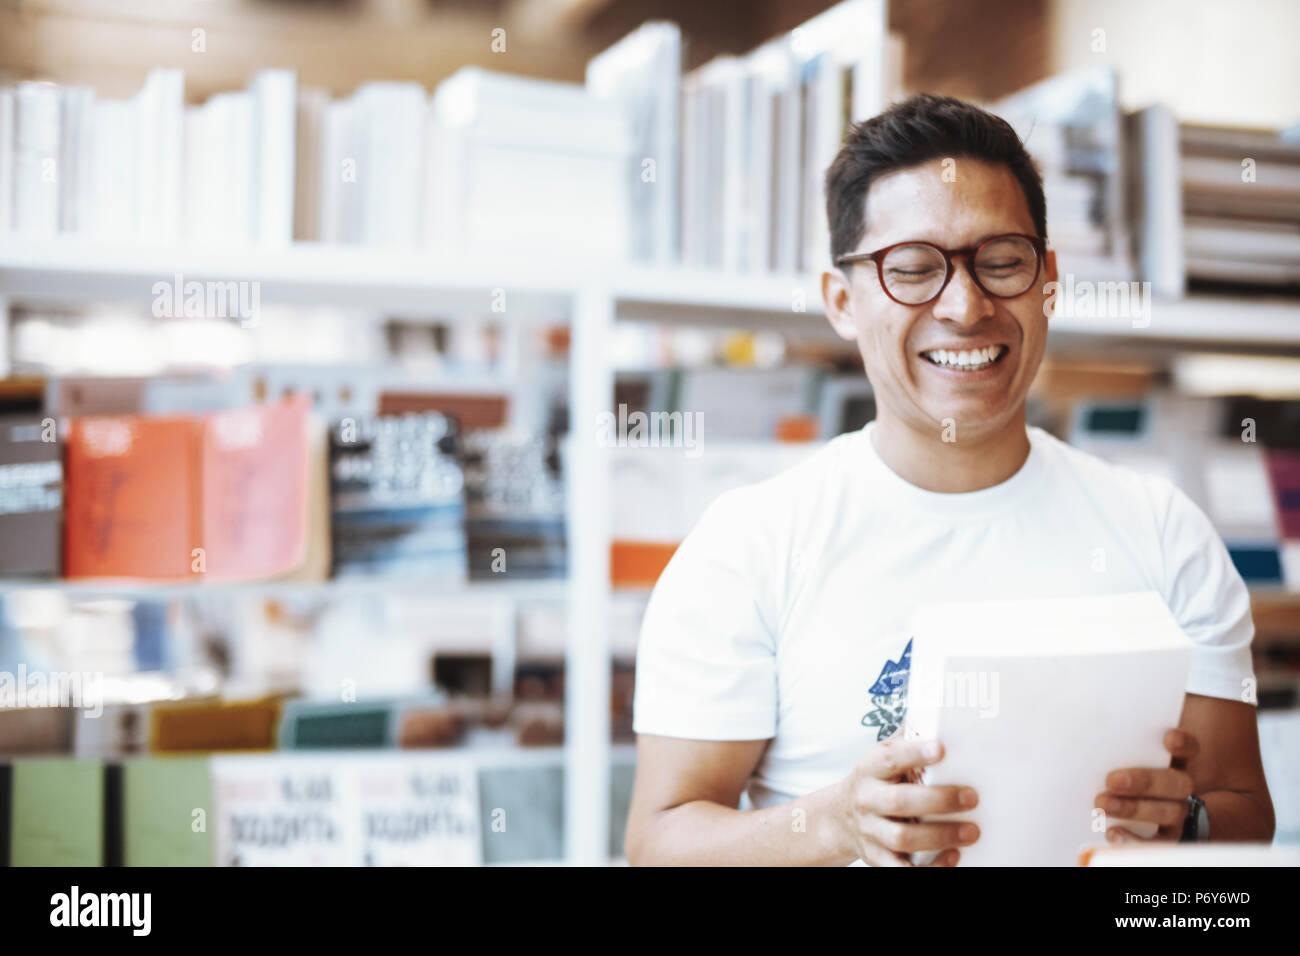 Junge glücklich Brillenbär Mann mit Buch mit Abdeckung und Lachen. Stockbild